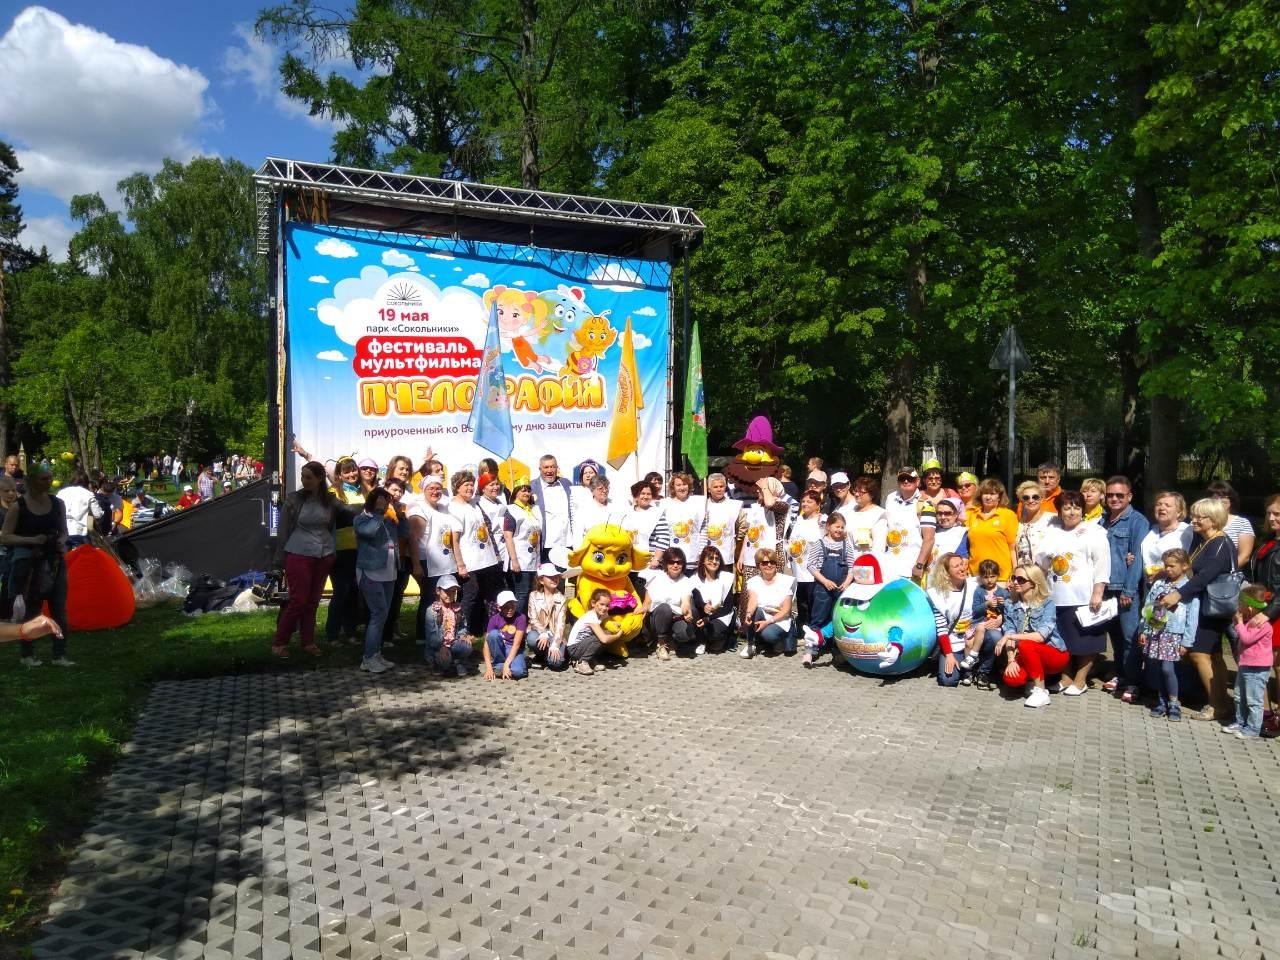 Фестиваль мультфильма «Пчелография» - яркий праздник в честь дня пчелы!